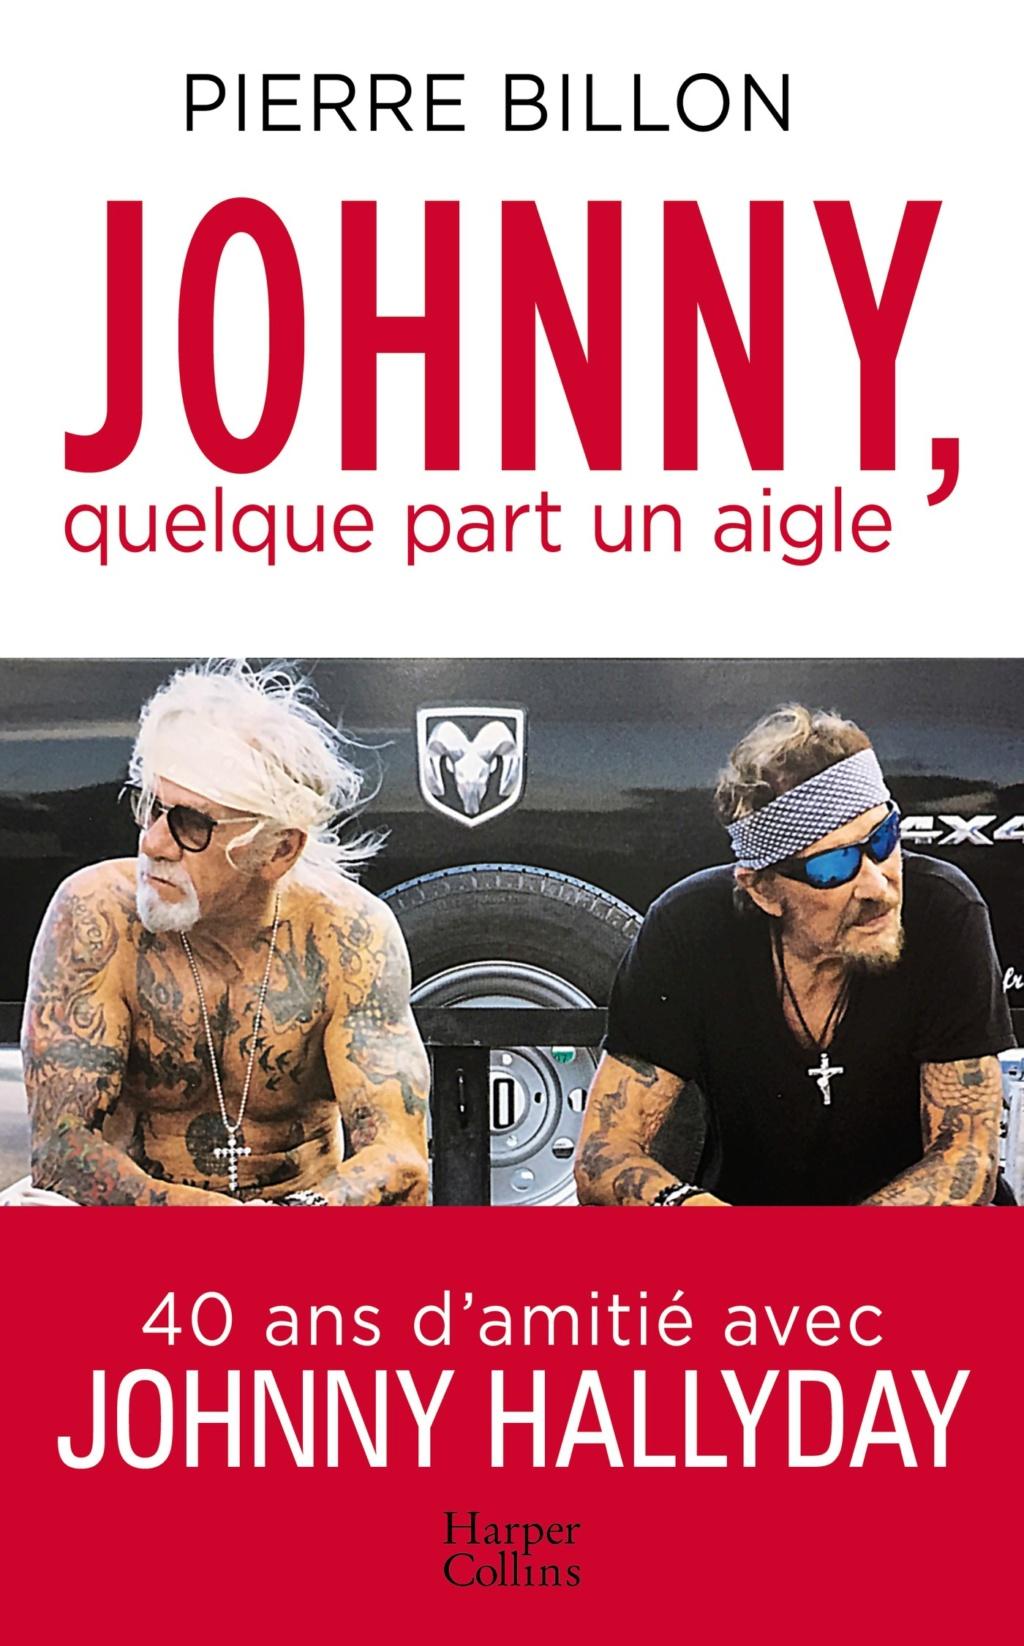 Les Livres sur Johnny - Page 4 Metada10